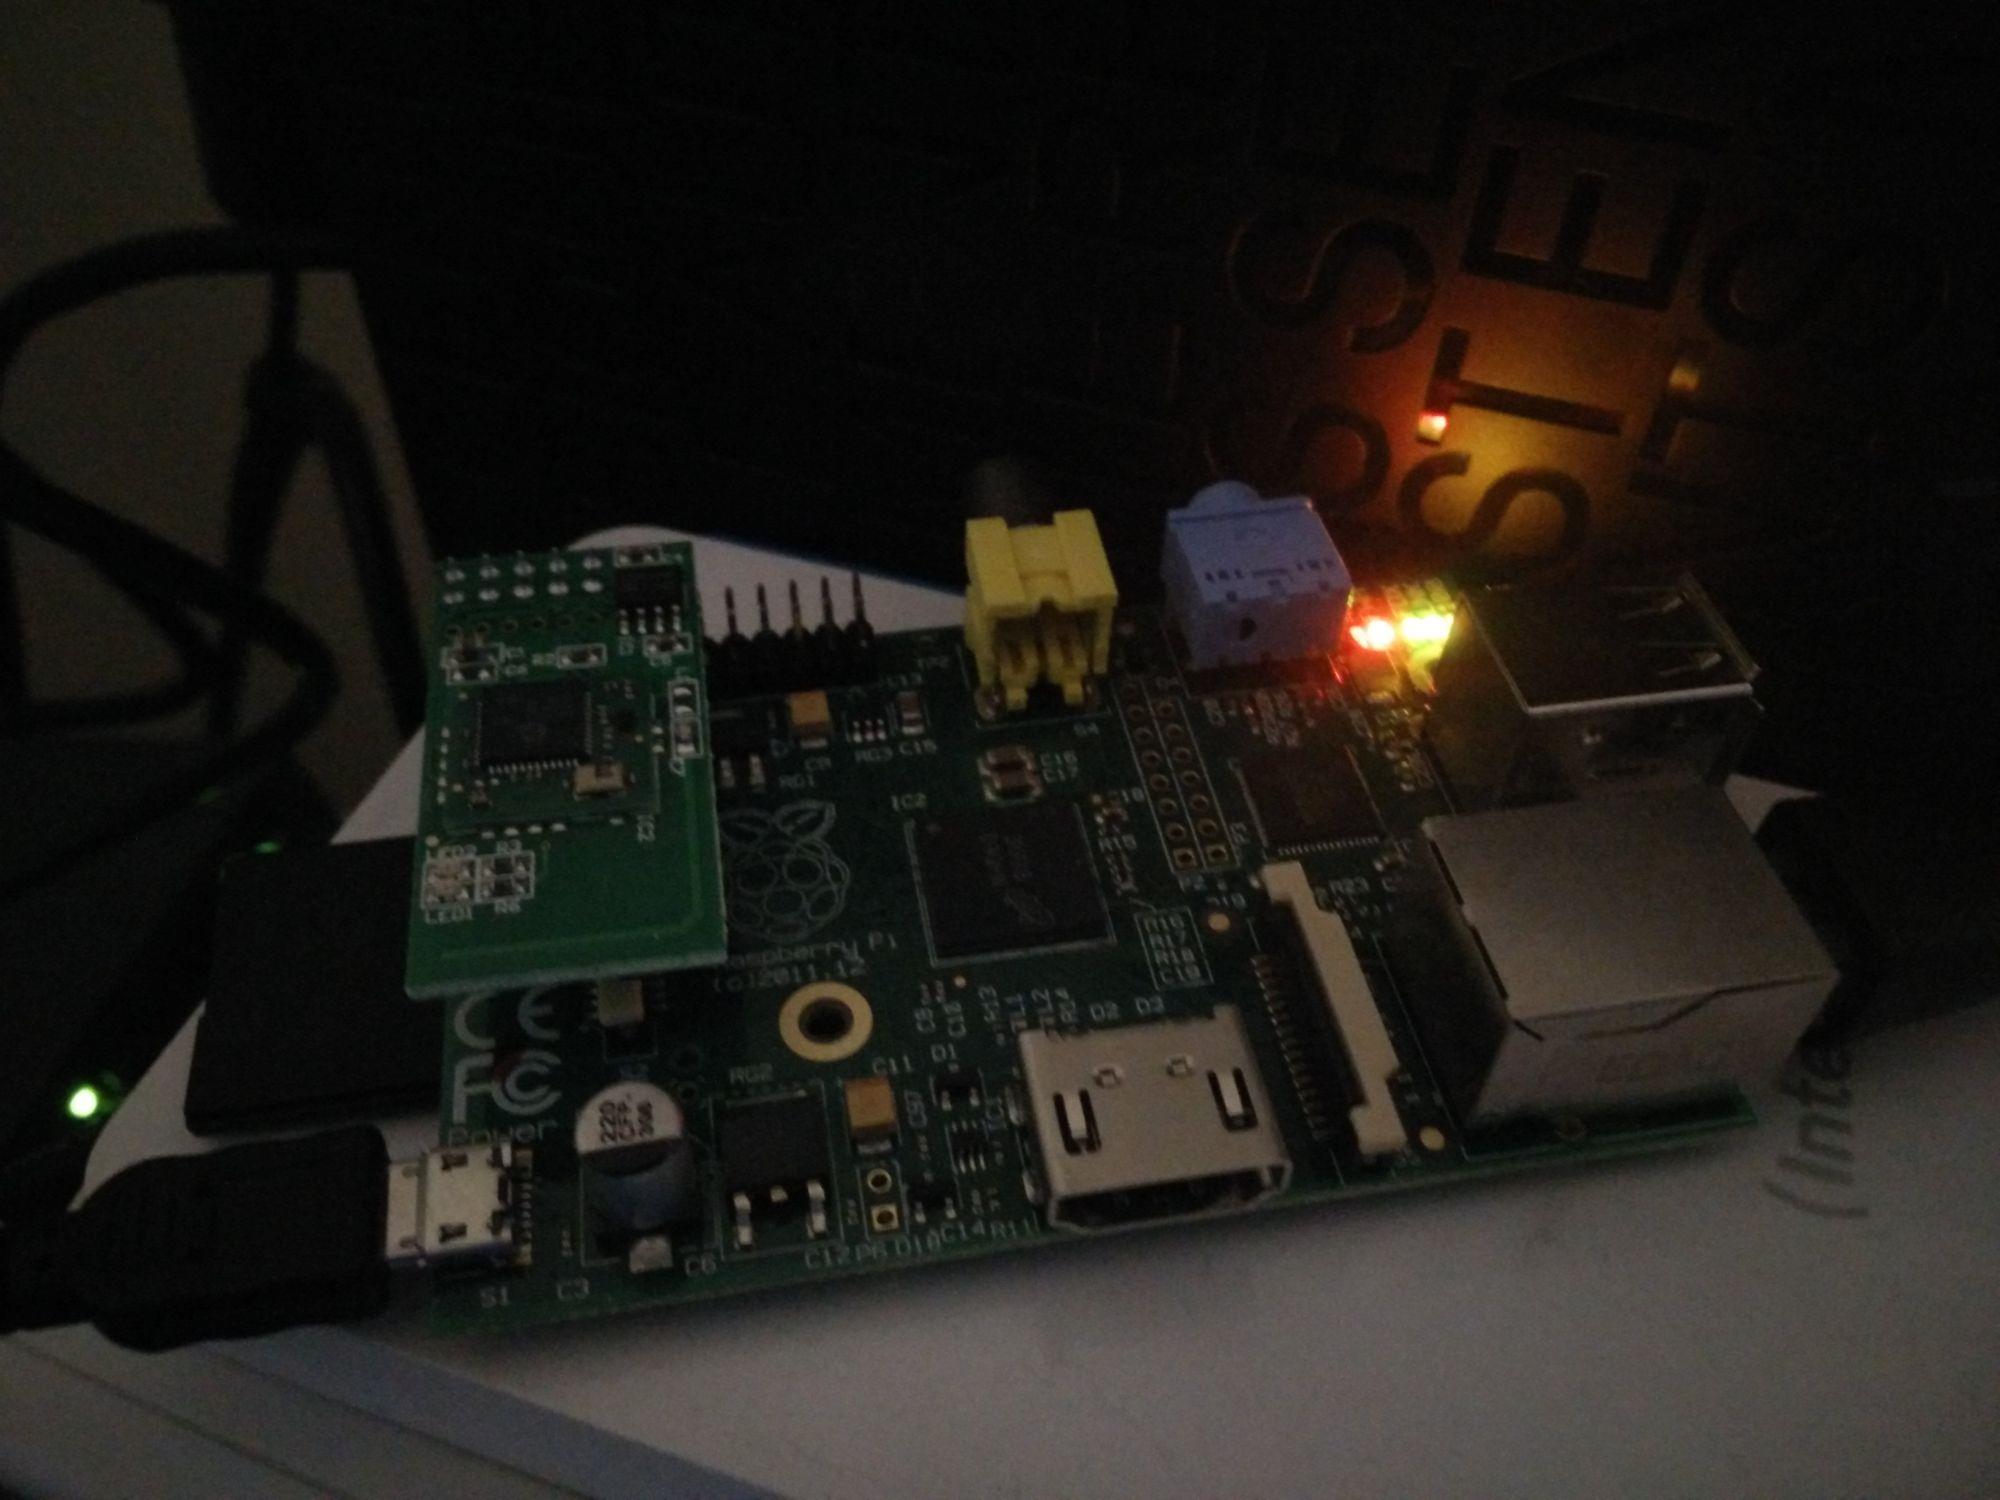 Le module RaZberry monté où il m'a semblé manquer un condensateur